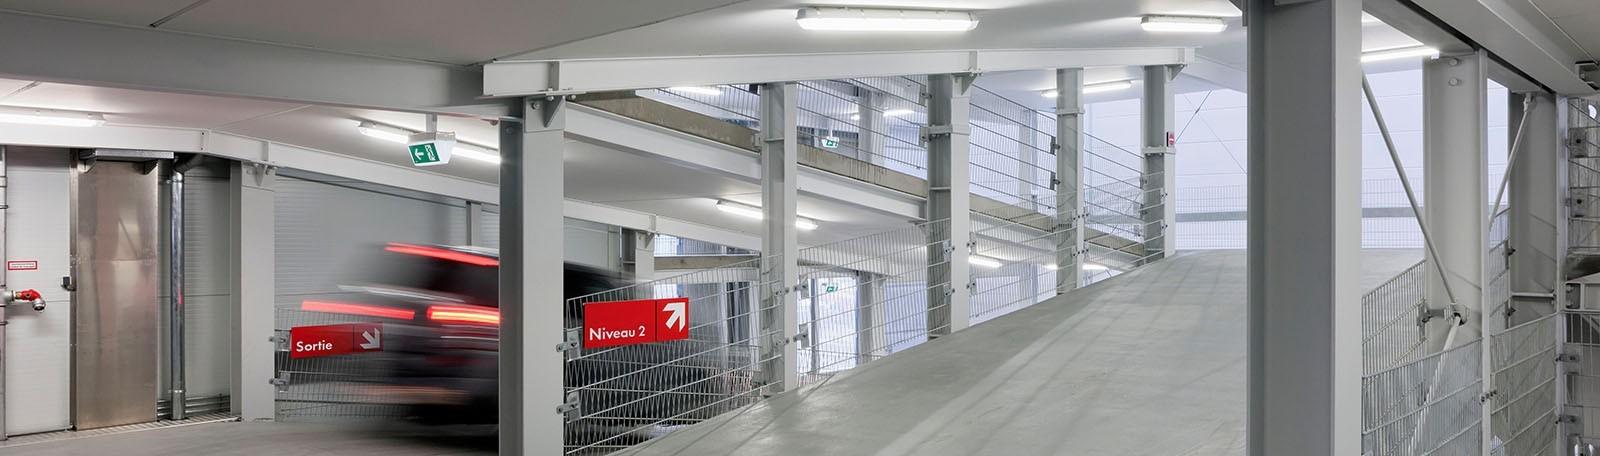 Car park Centre-Ville - Park in Boulogne-Billancourt | Q-Park